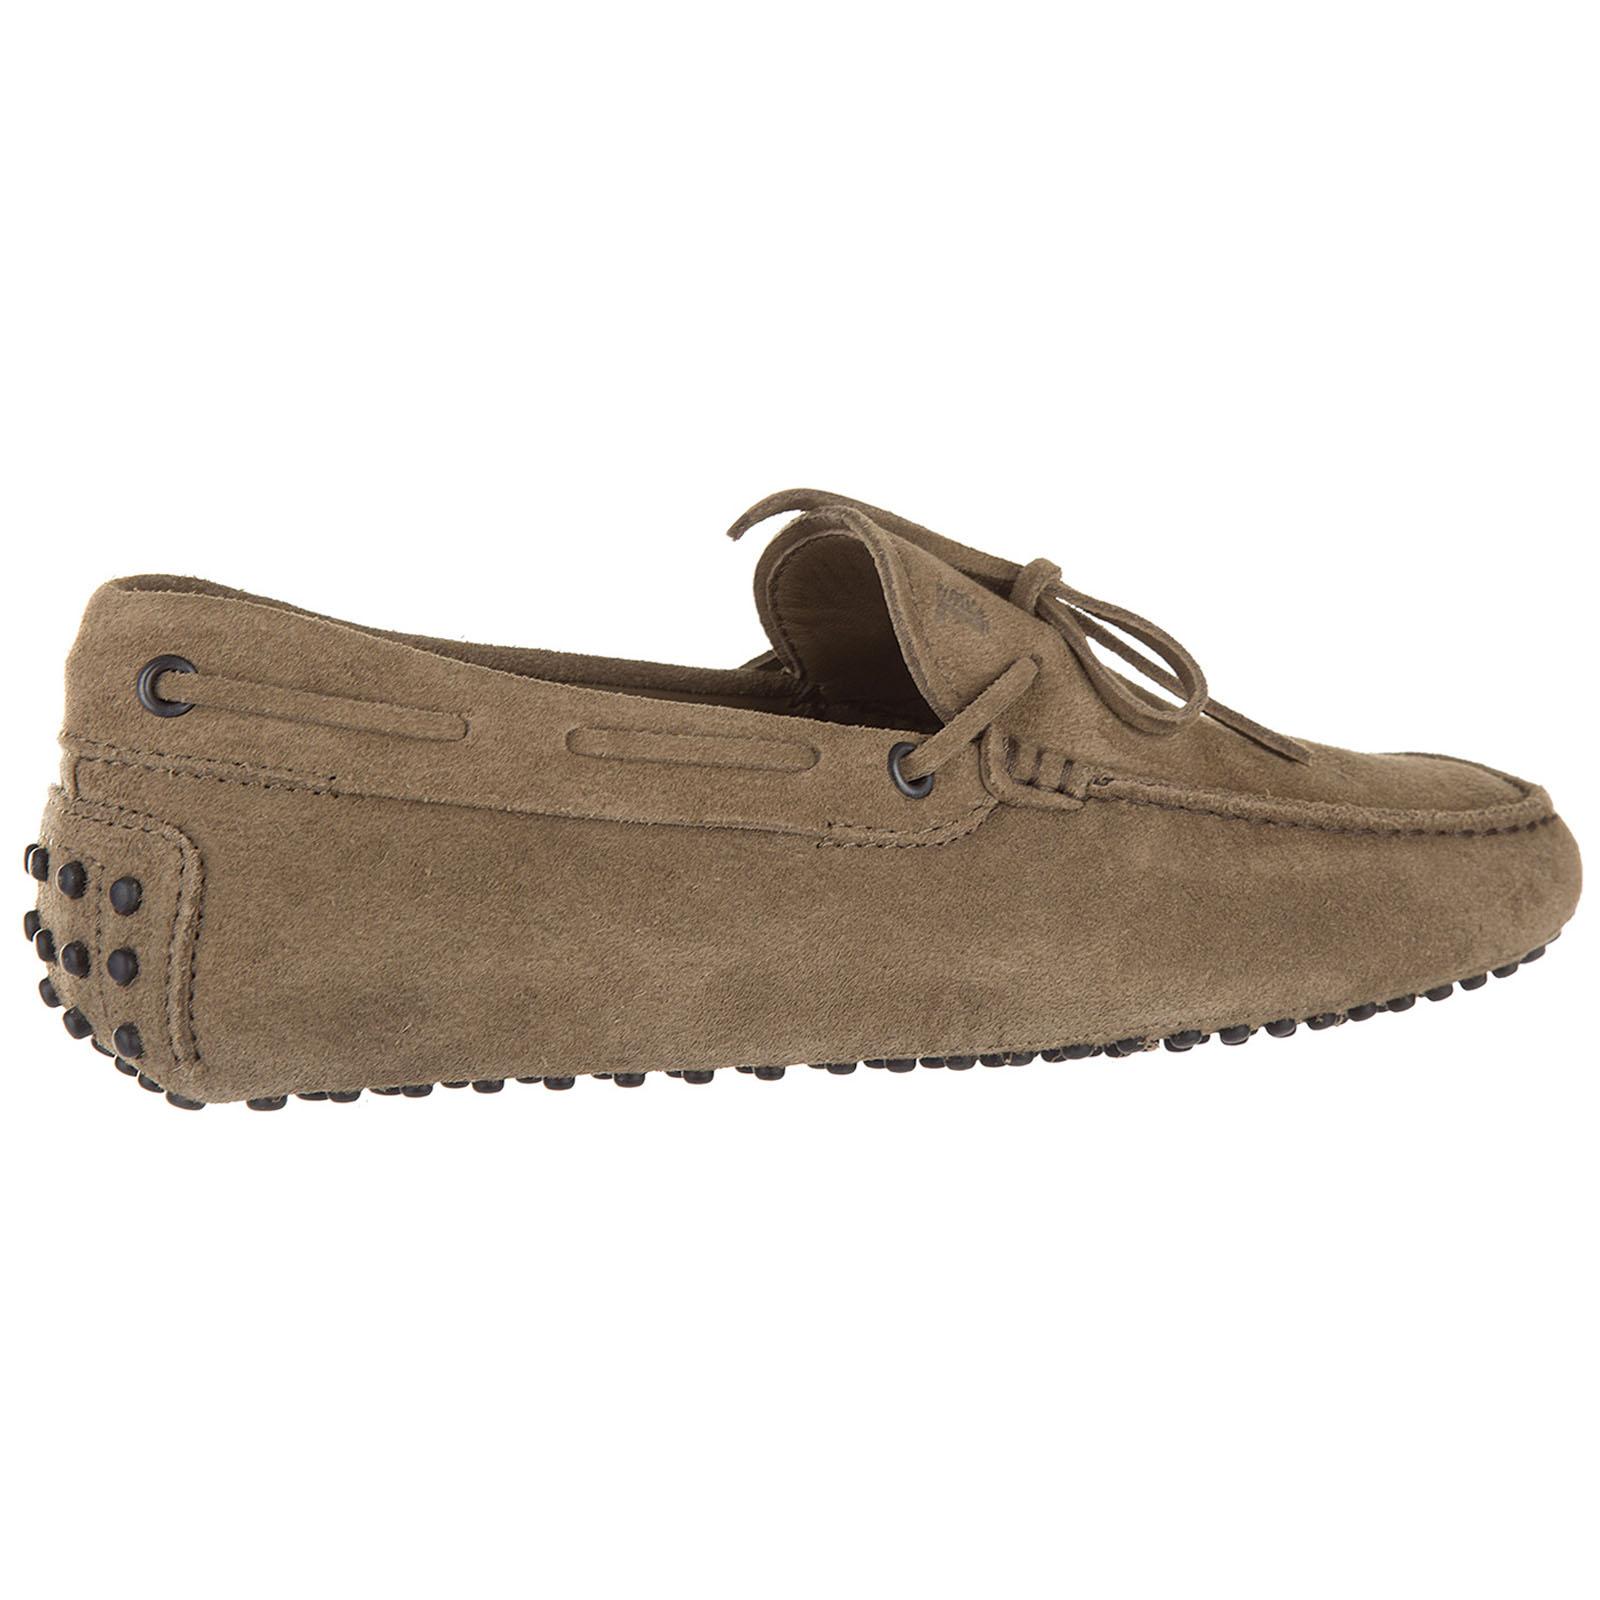 Men's suede loafers moccasins laccetto occhielli gommino 122